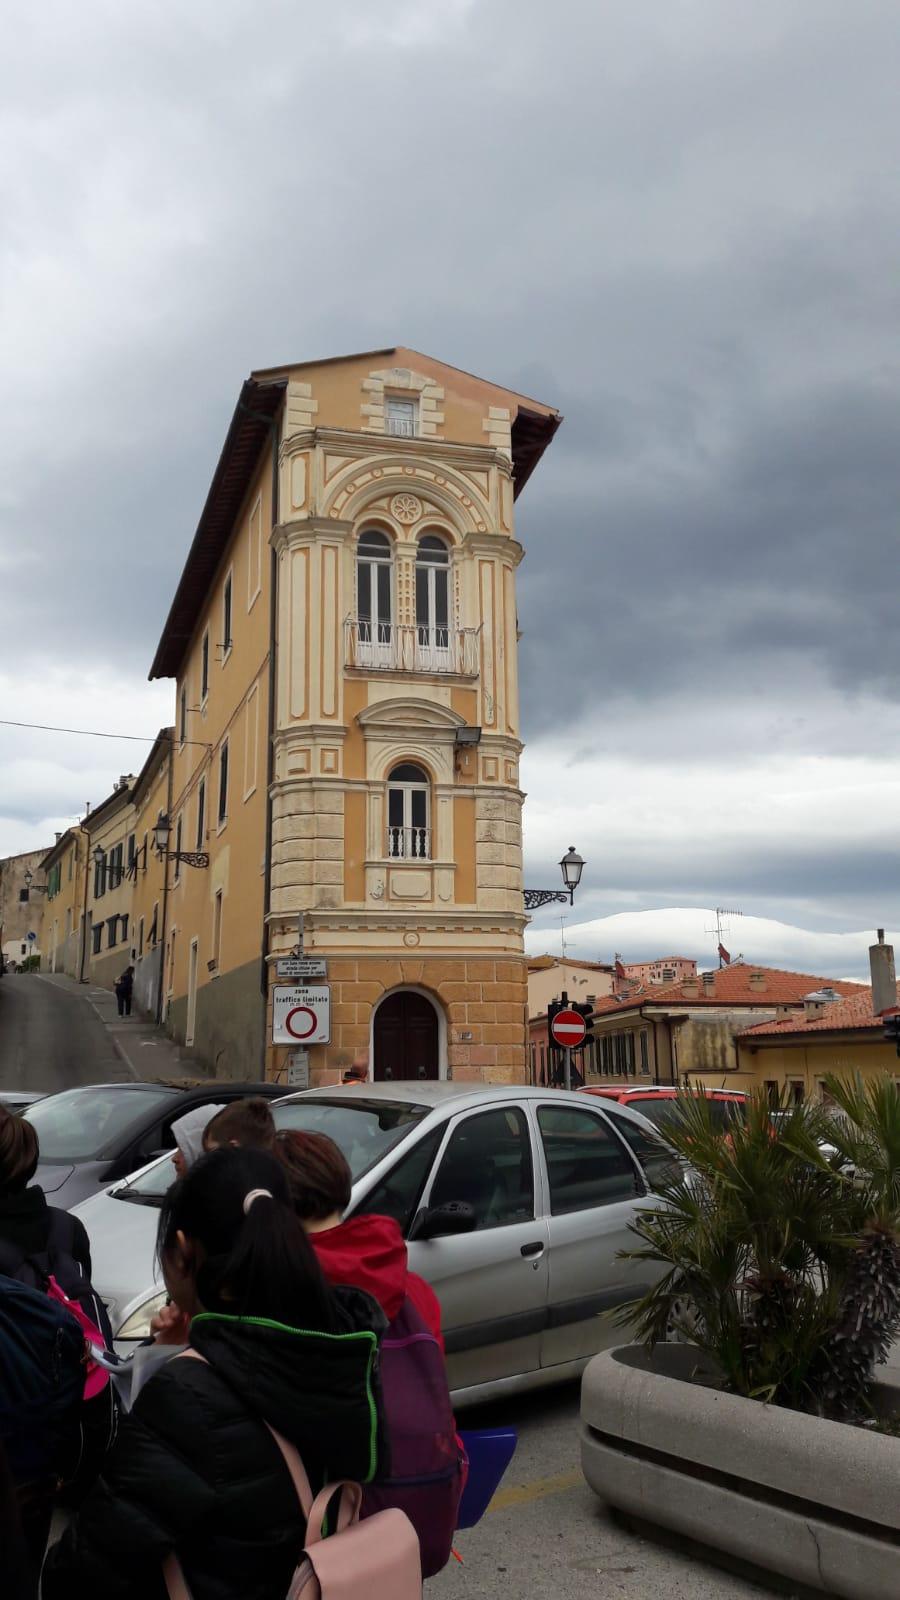 Casa di Portoferraio